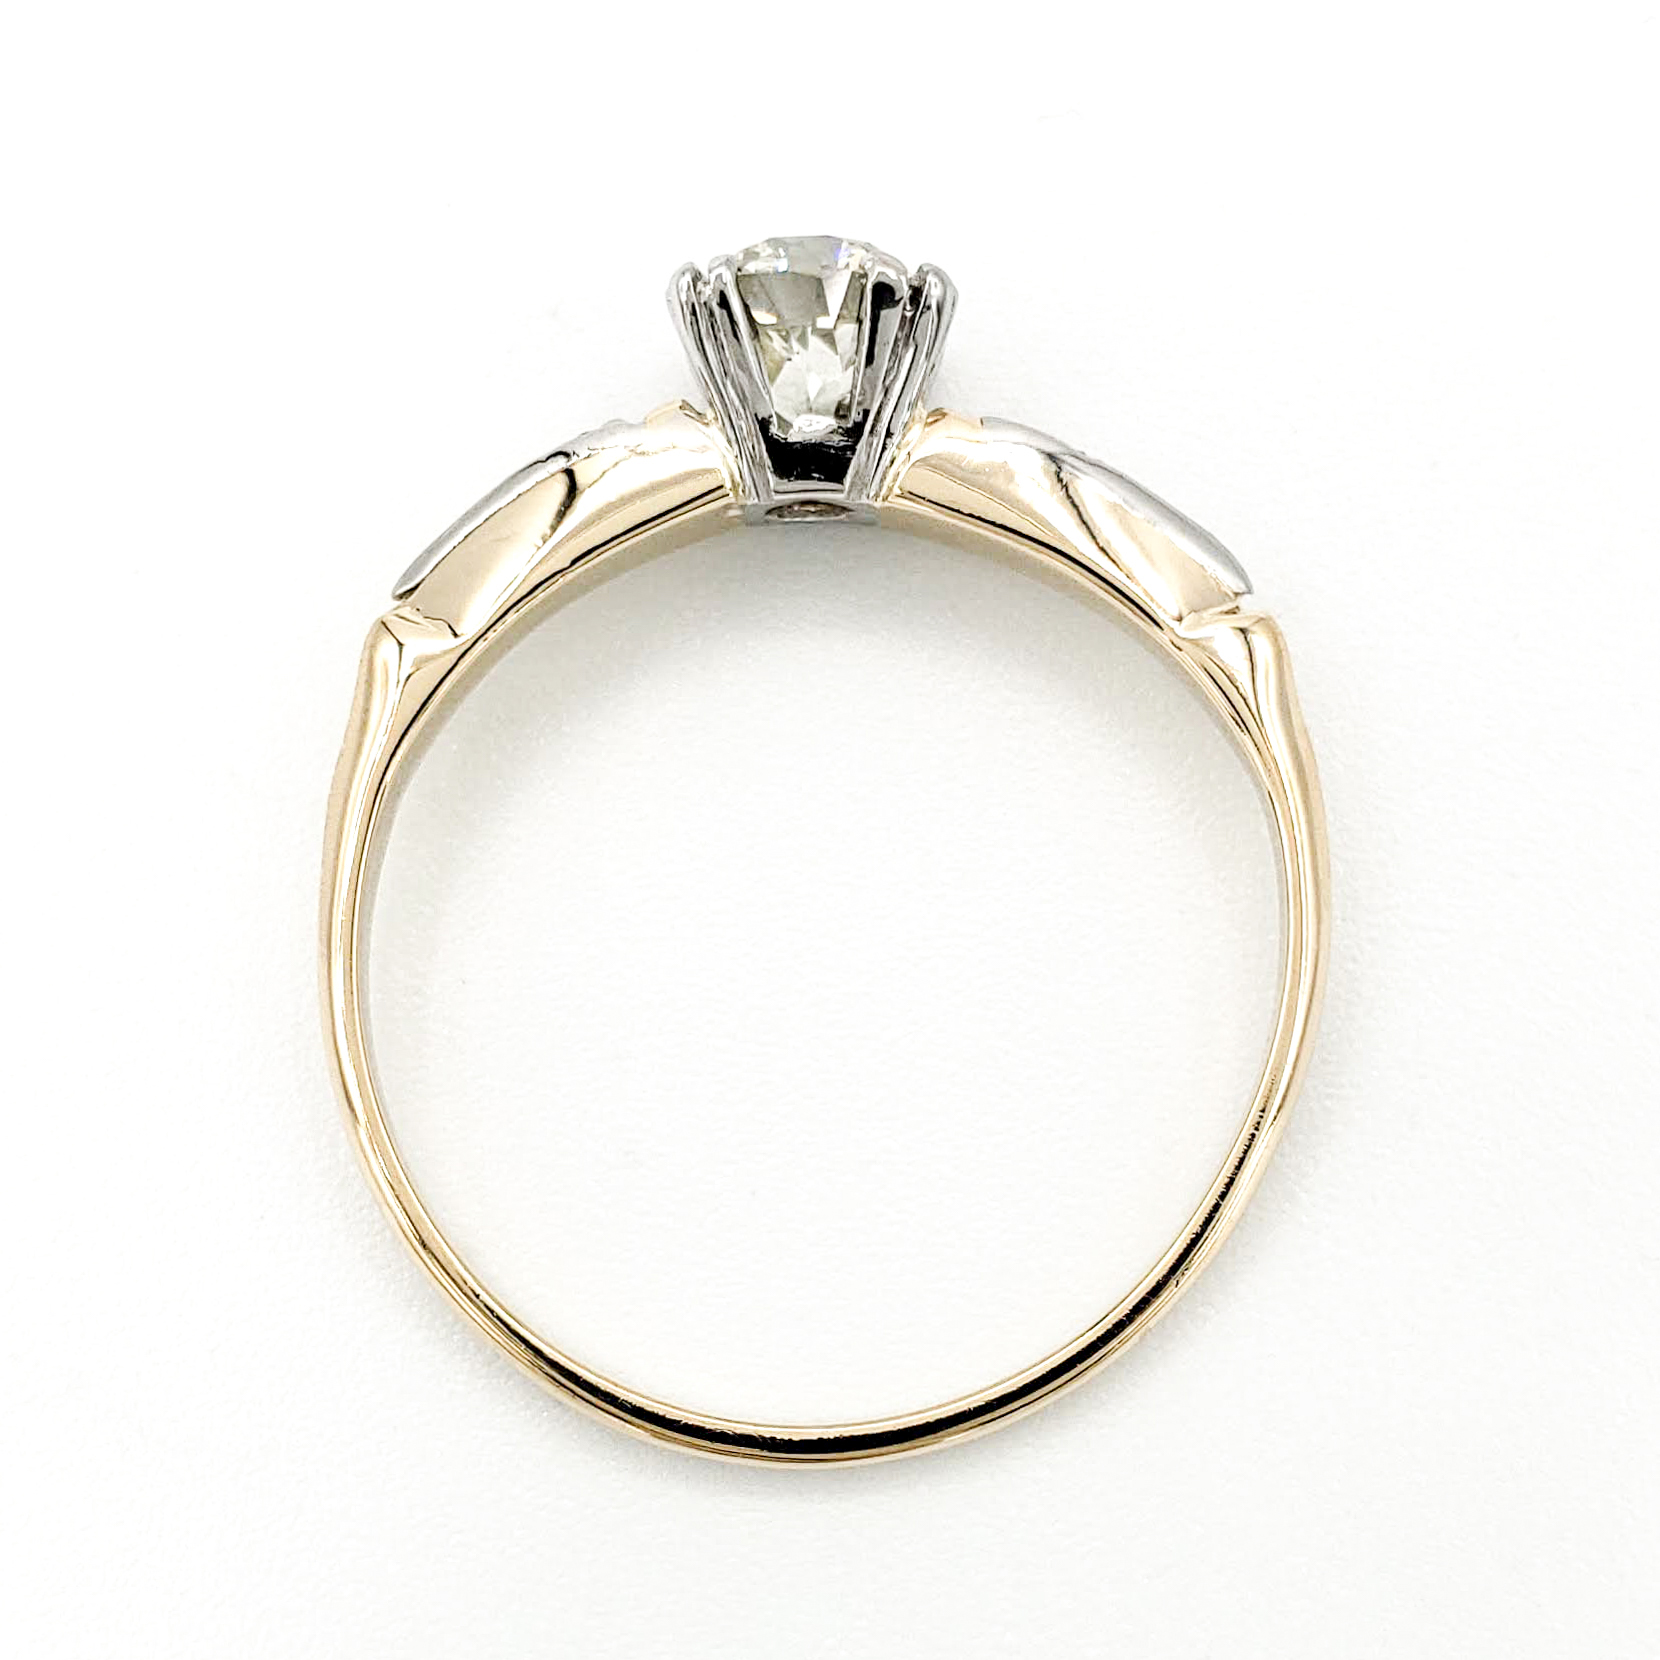 vintage-14-karat-gold-engagement-ring-with-0-58-carat-old-european-cut-diamond-egl-k-si1